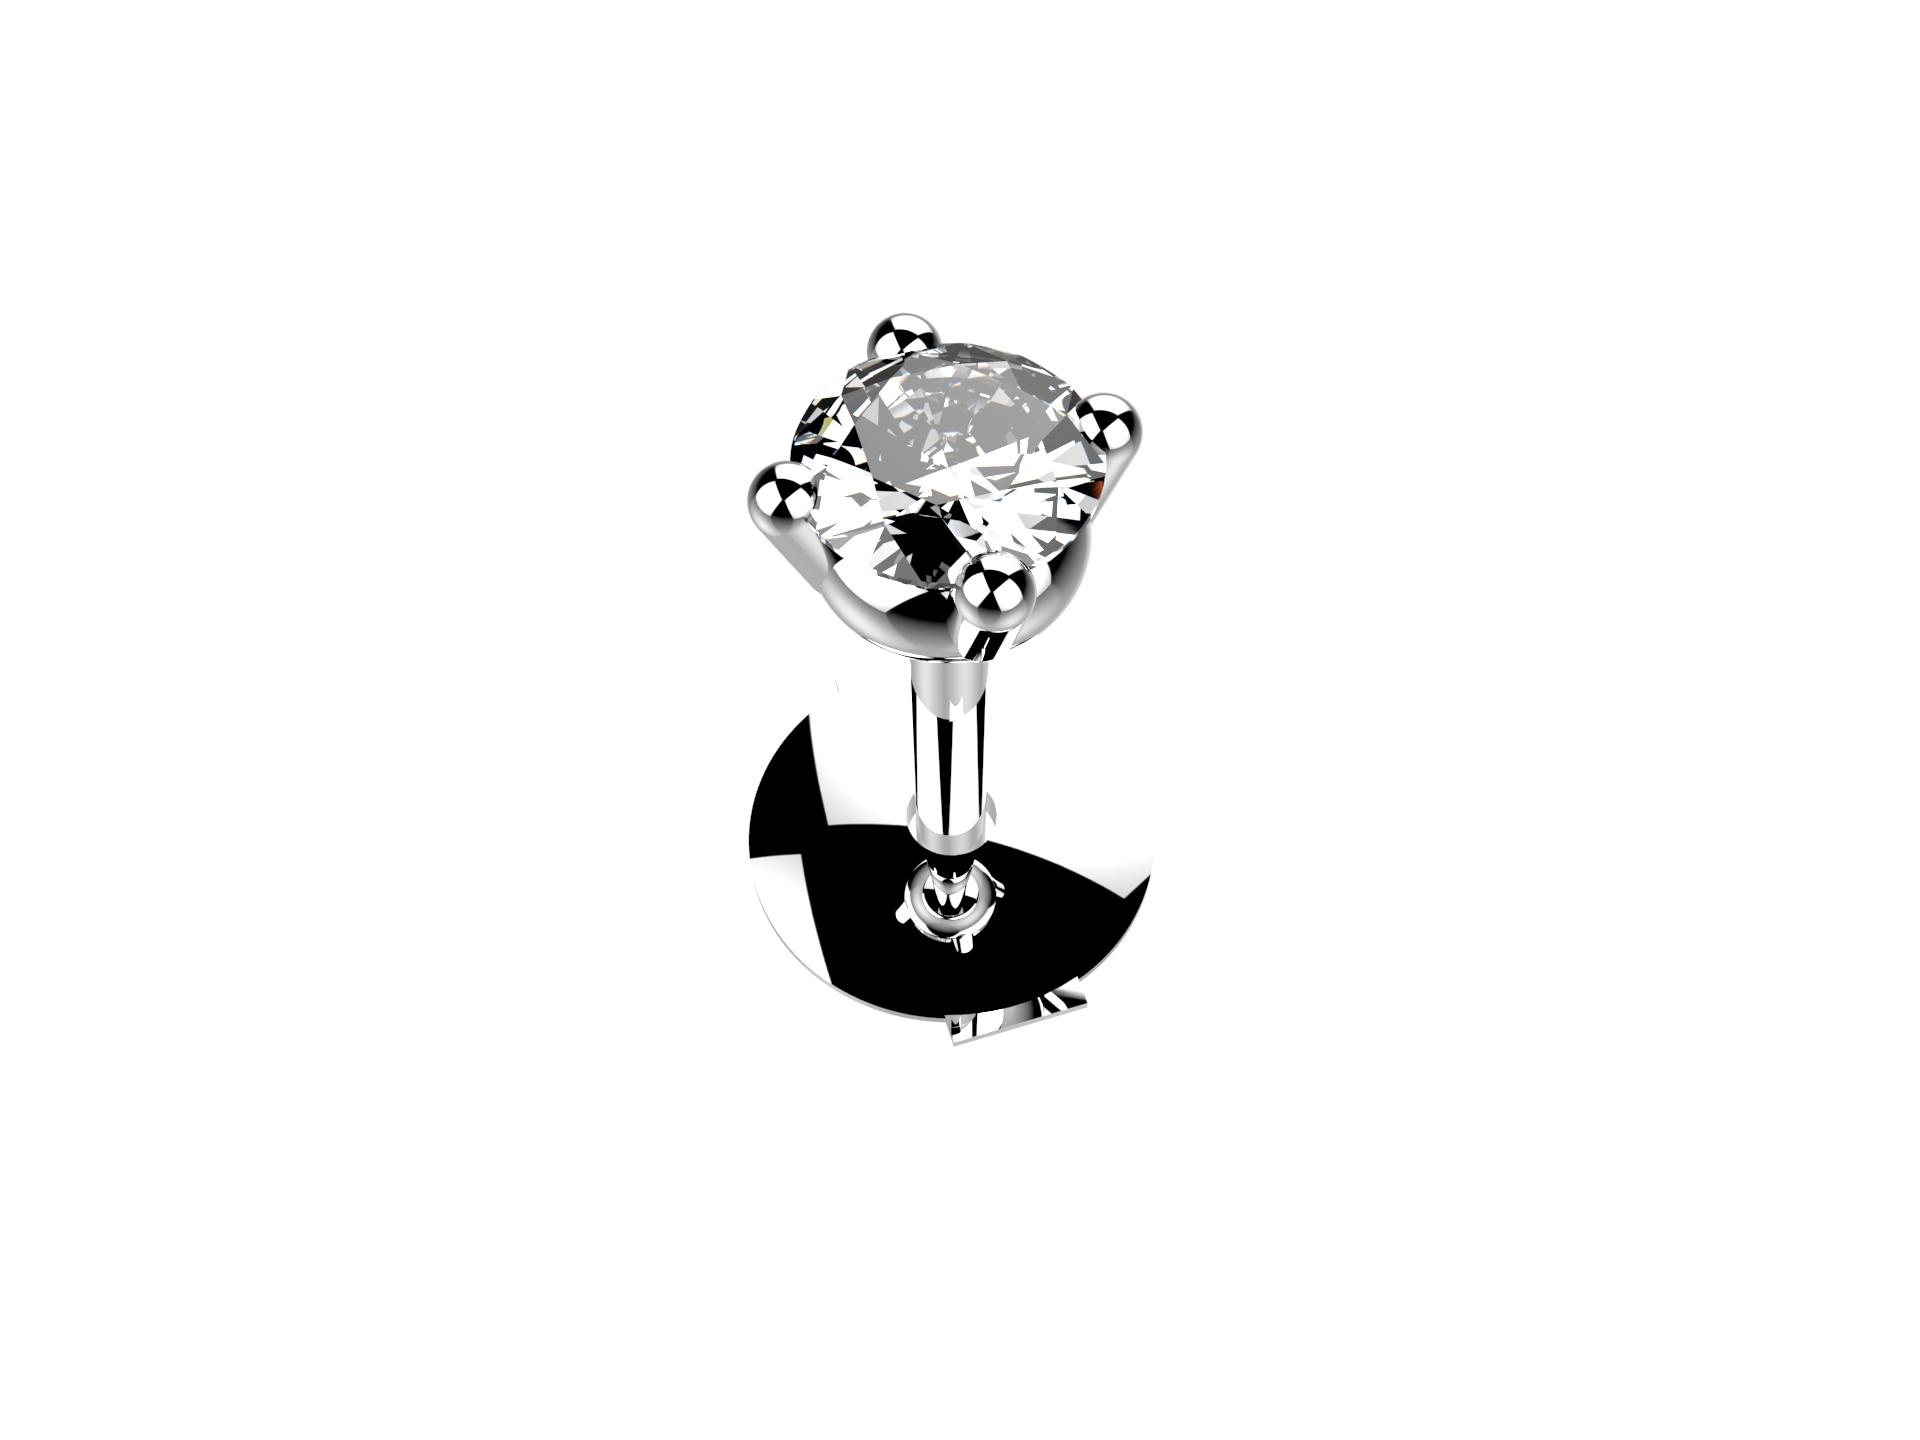 Boucle d'oreille diamant 560 €